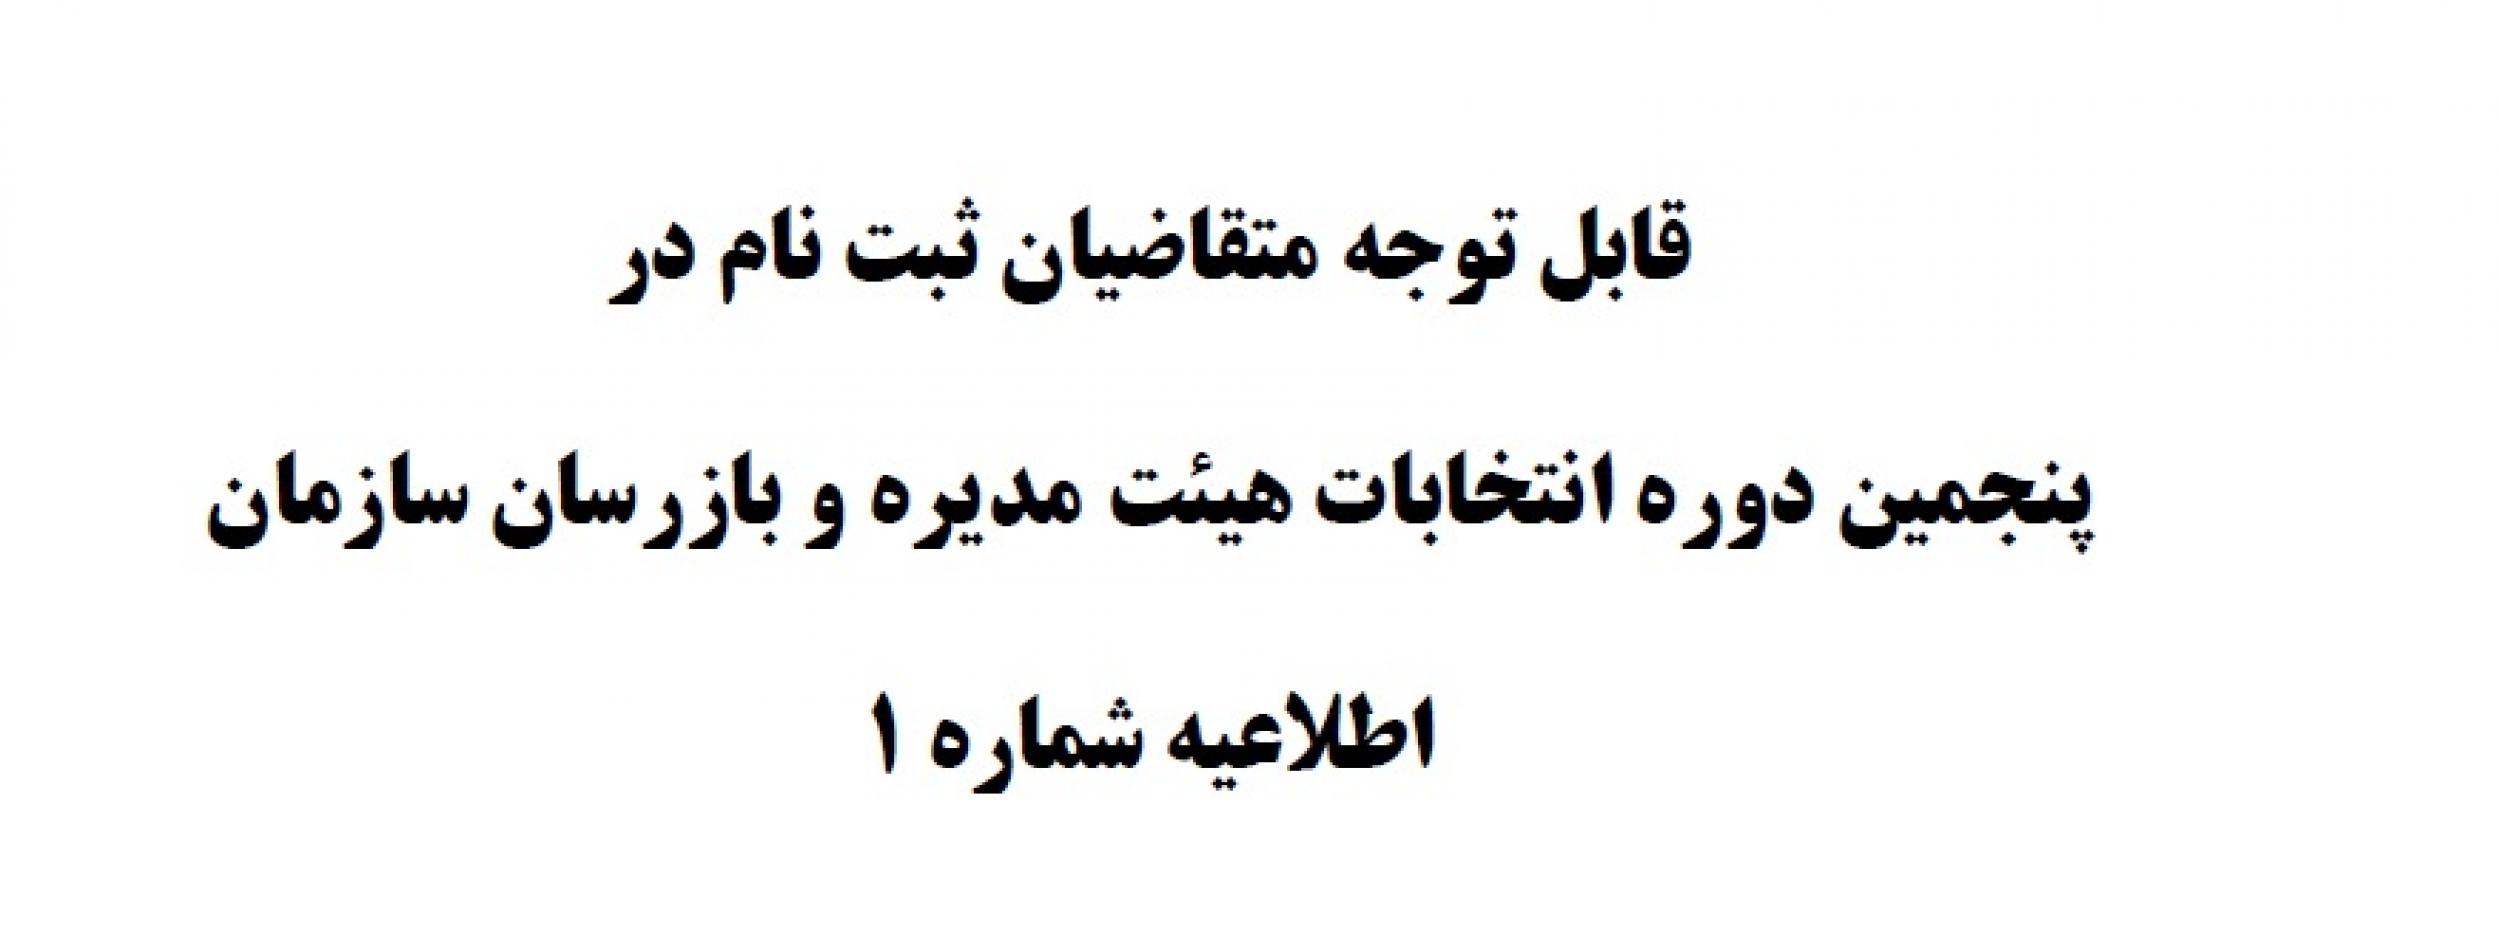 پنجمین دوره انتخابات هیئت مدیره و بازرسان سازمان